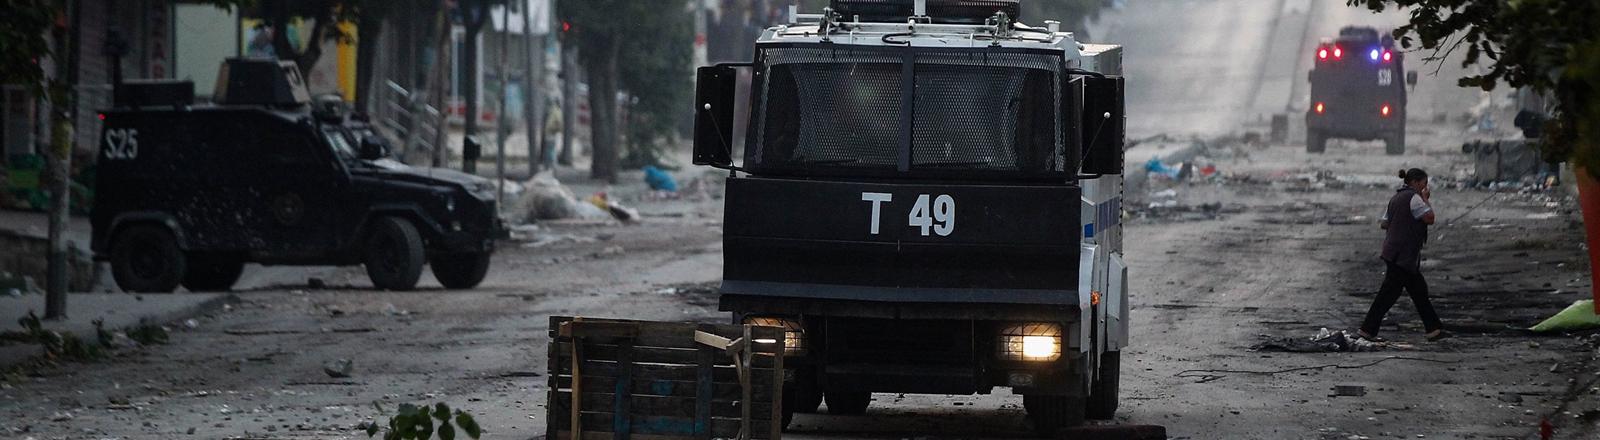 Istanbul nach Anti-Regierungsdemonstration Ende Juli 2015.